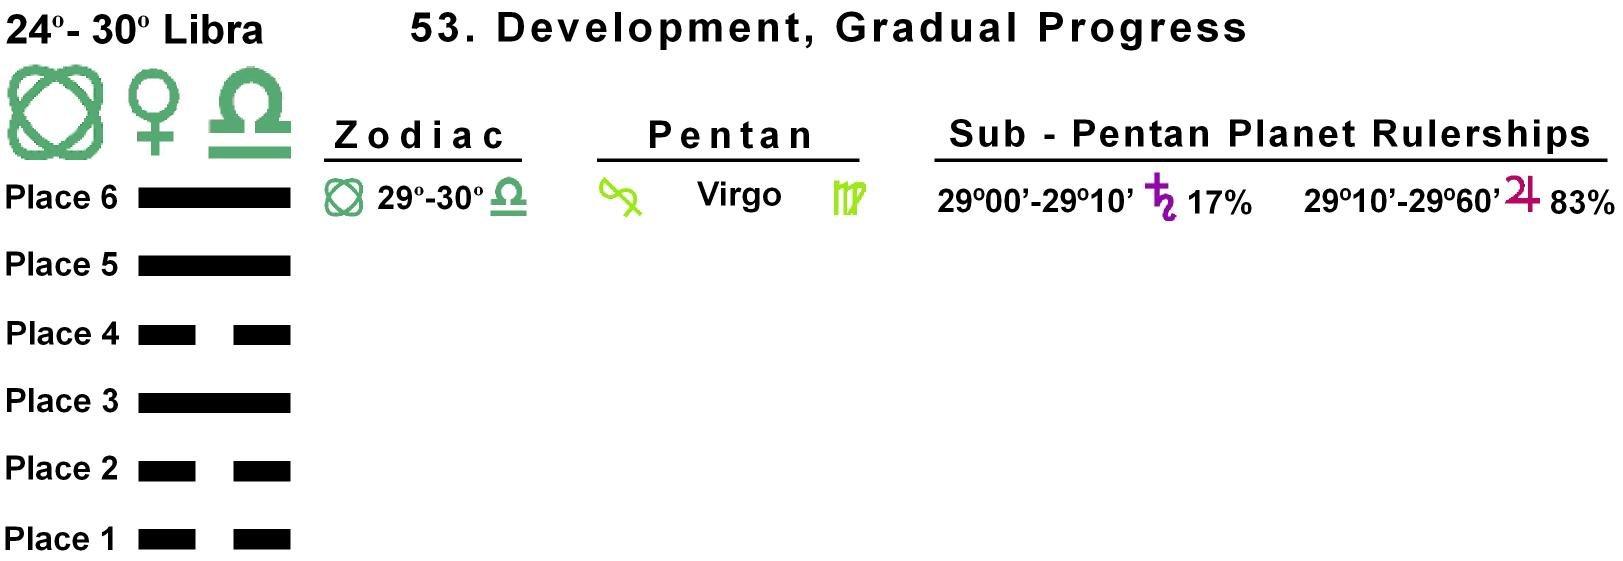 Pent-lines-07LI 29-30 Hx-53 Gradual Progress